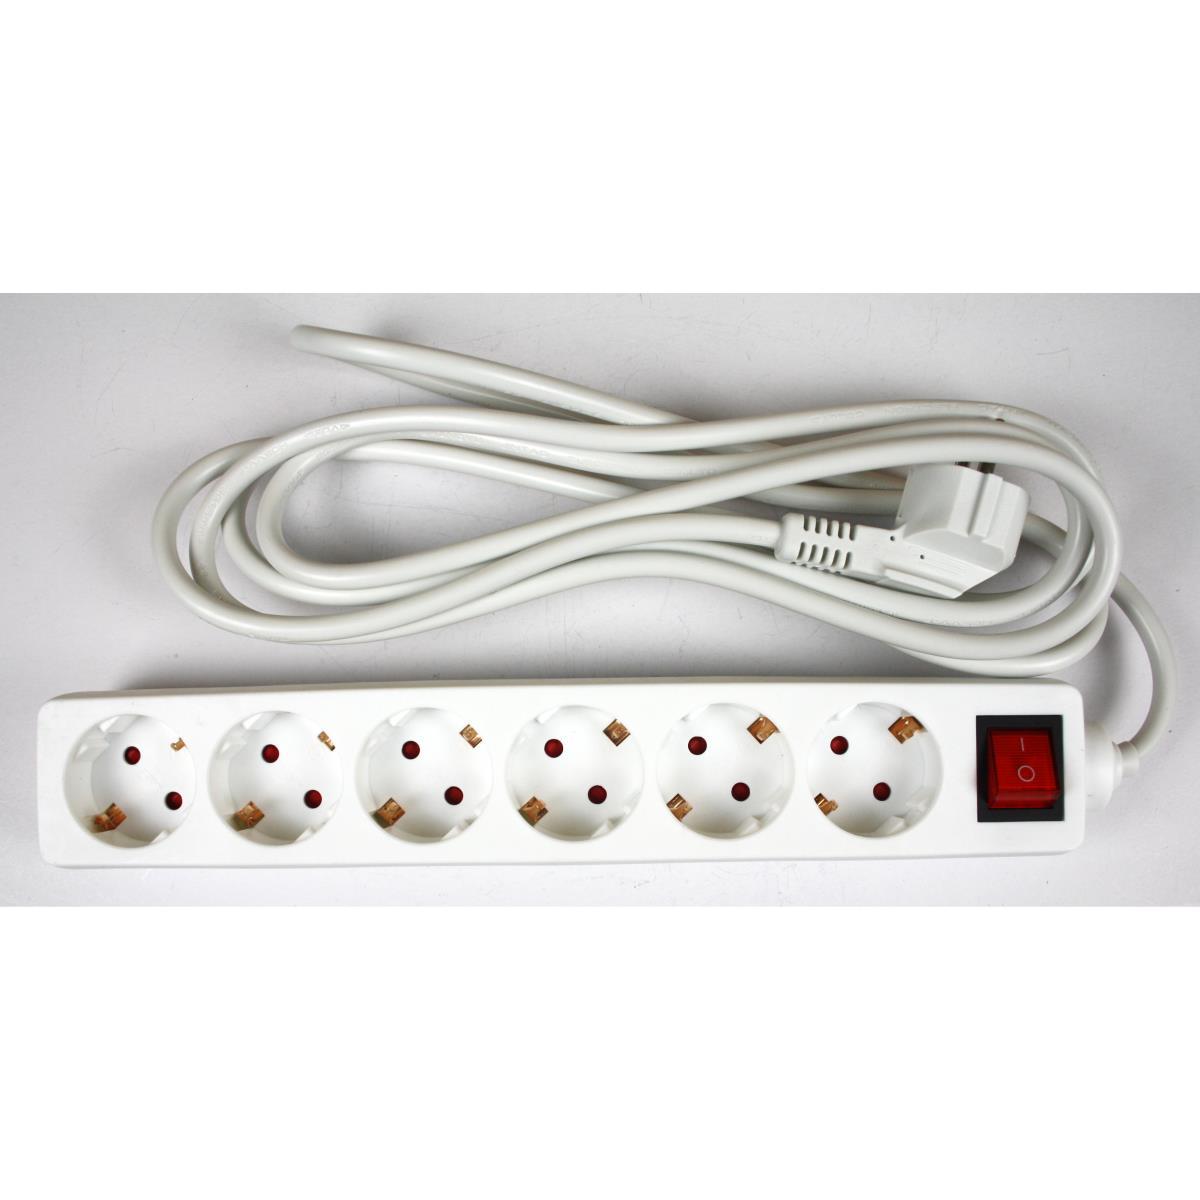 cee stecker kupplung 5 polig starkstrom steckdose 16a oder 32a 400v ip44 6h ebay. Black Bedroom Furniture Sets. Home Design Ideas